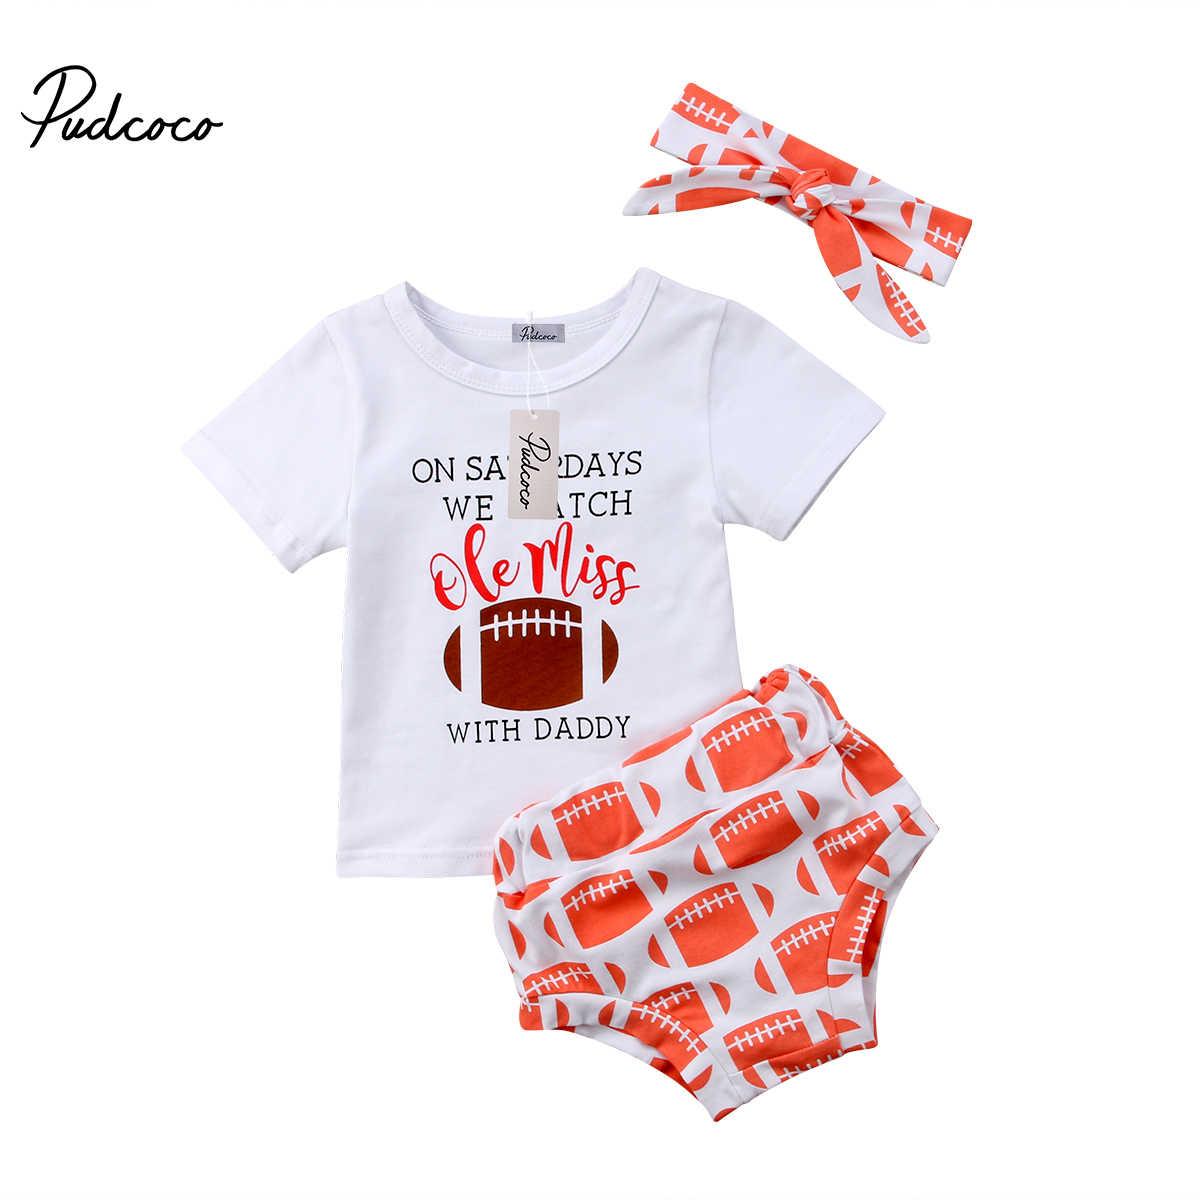 2018ブランド新しい幼児幼児子供キッズベビー女の子ラグビー衣装トップスt-シャツ+ショートパンツ3ピース夏cusualサンスーツ服1-6 t